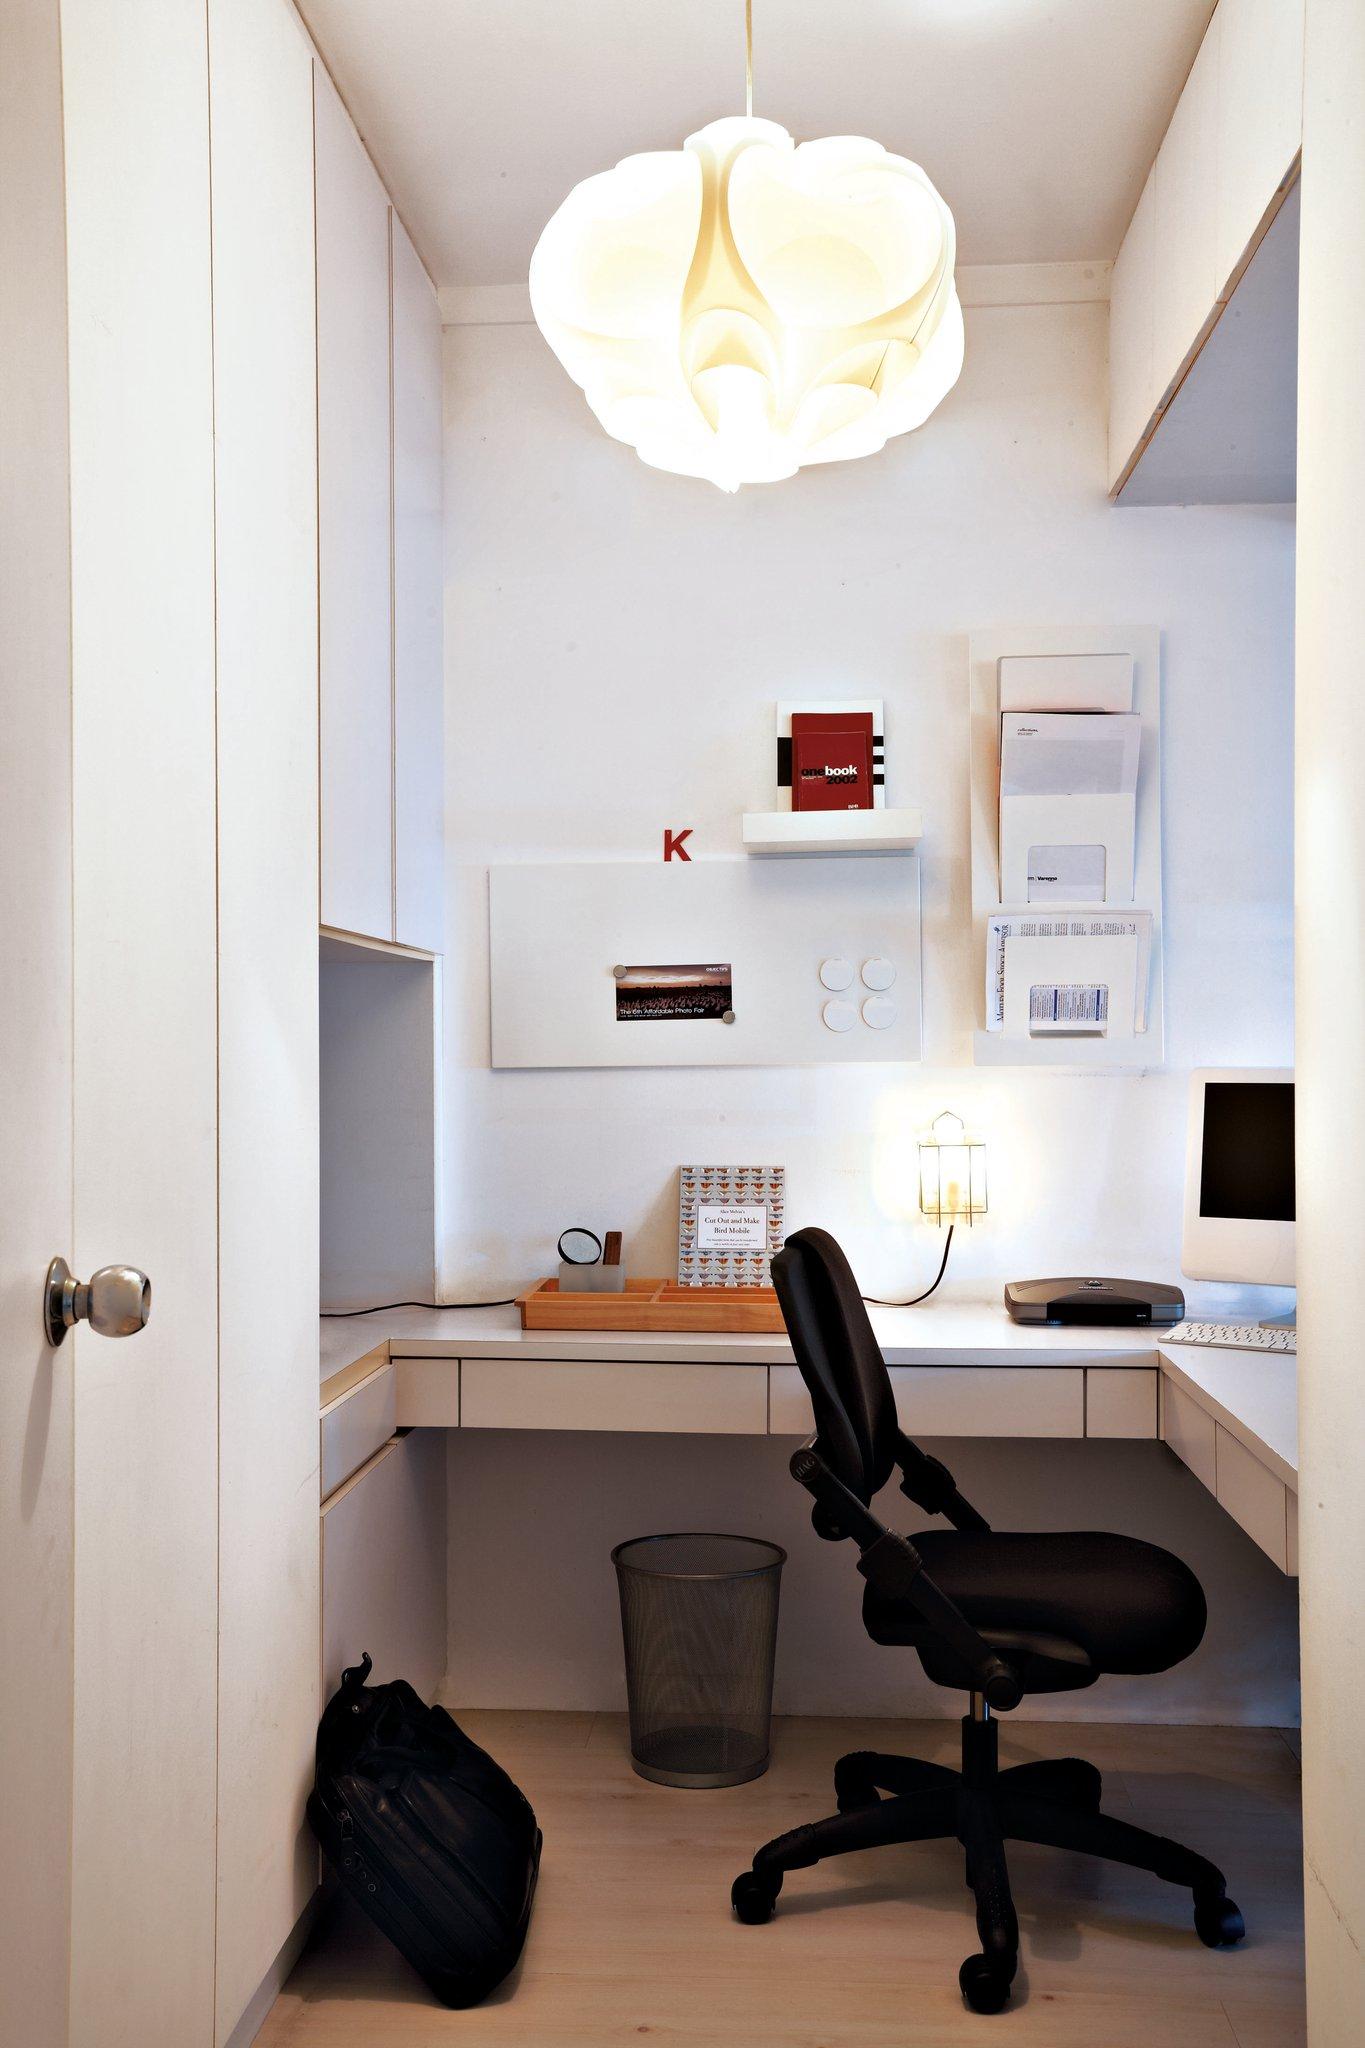 SSphere Online Design Magazine.Bedok North 3 Room.Study